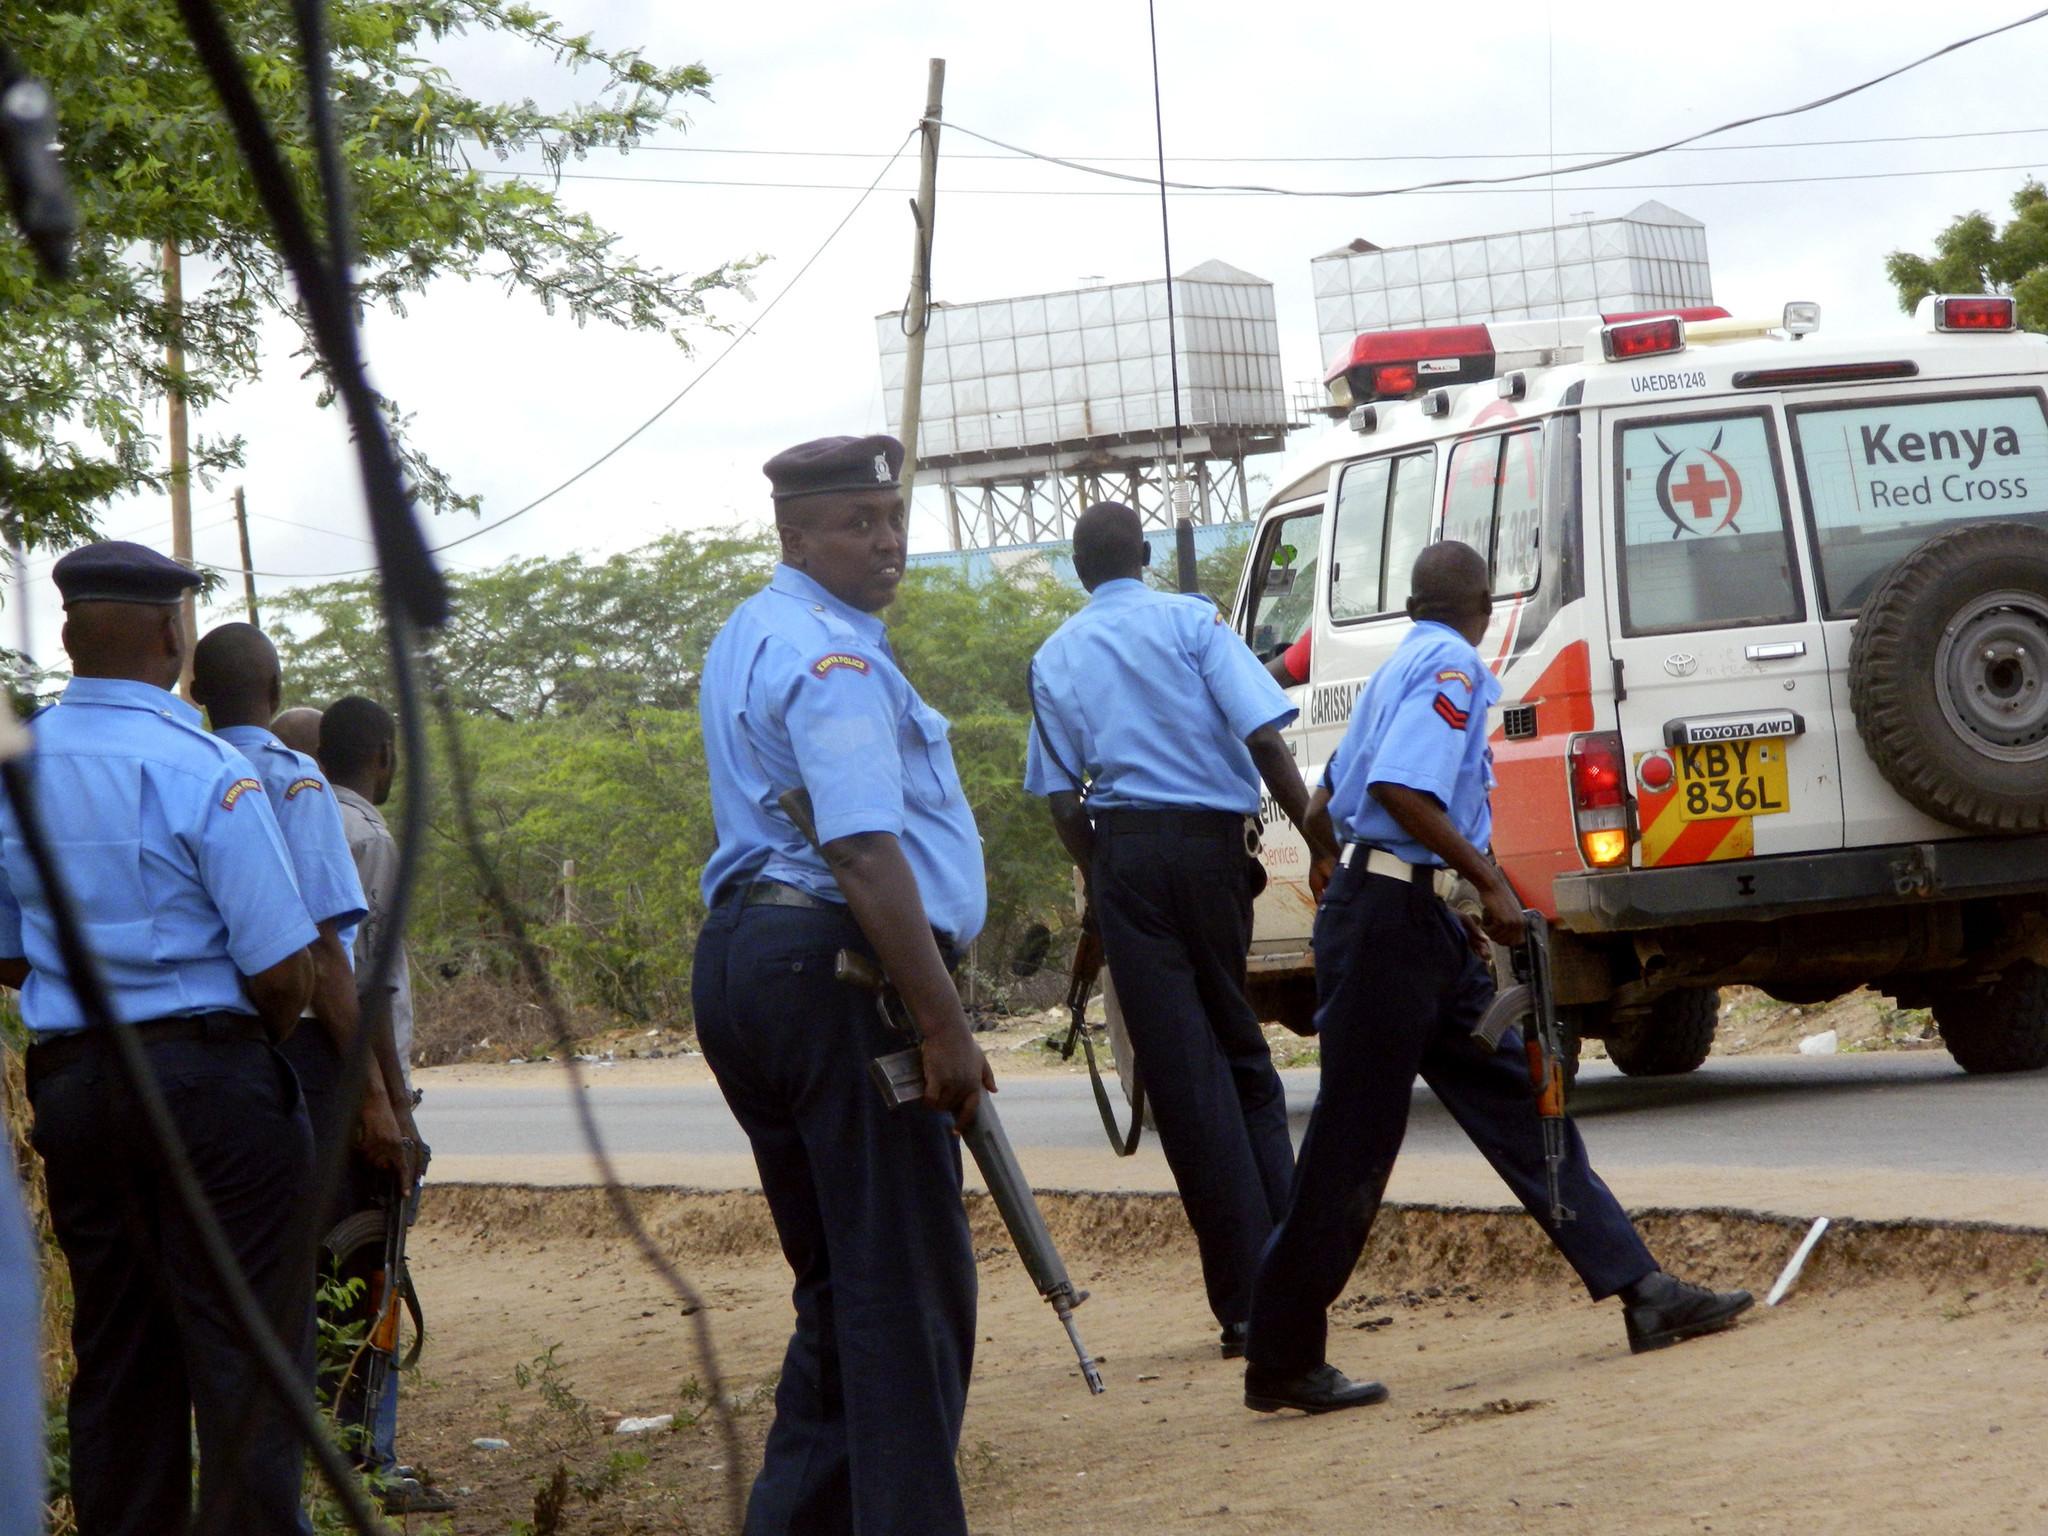 Gunmen attack university in Kenya; at least 15 dead